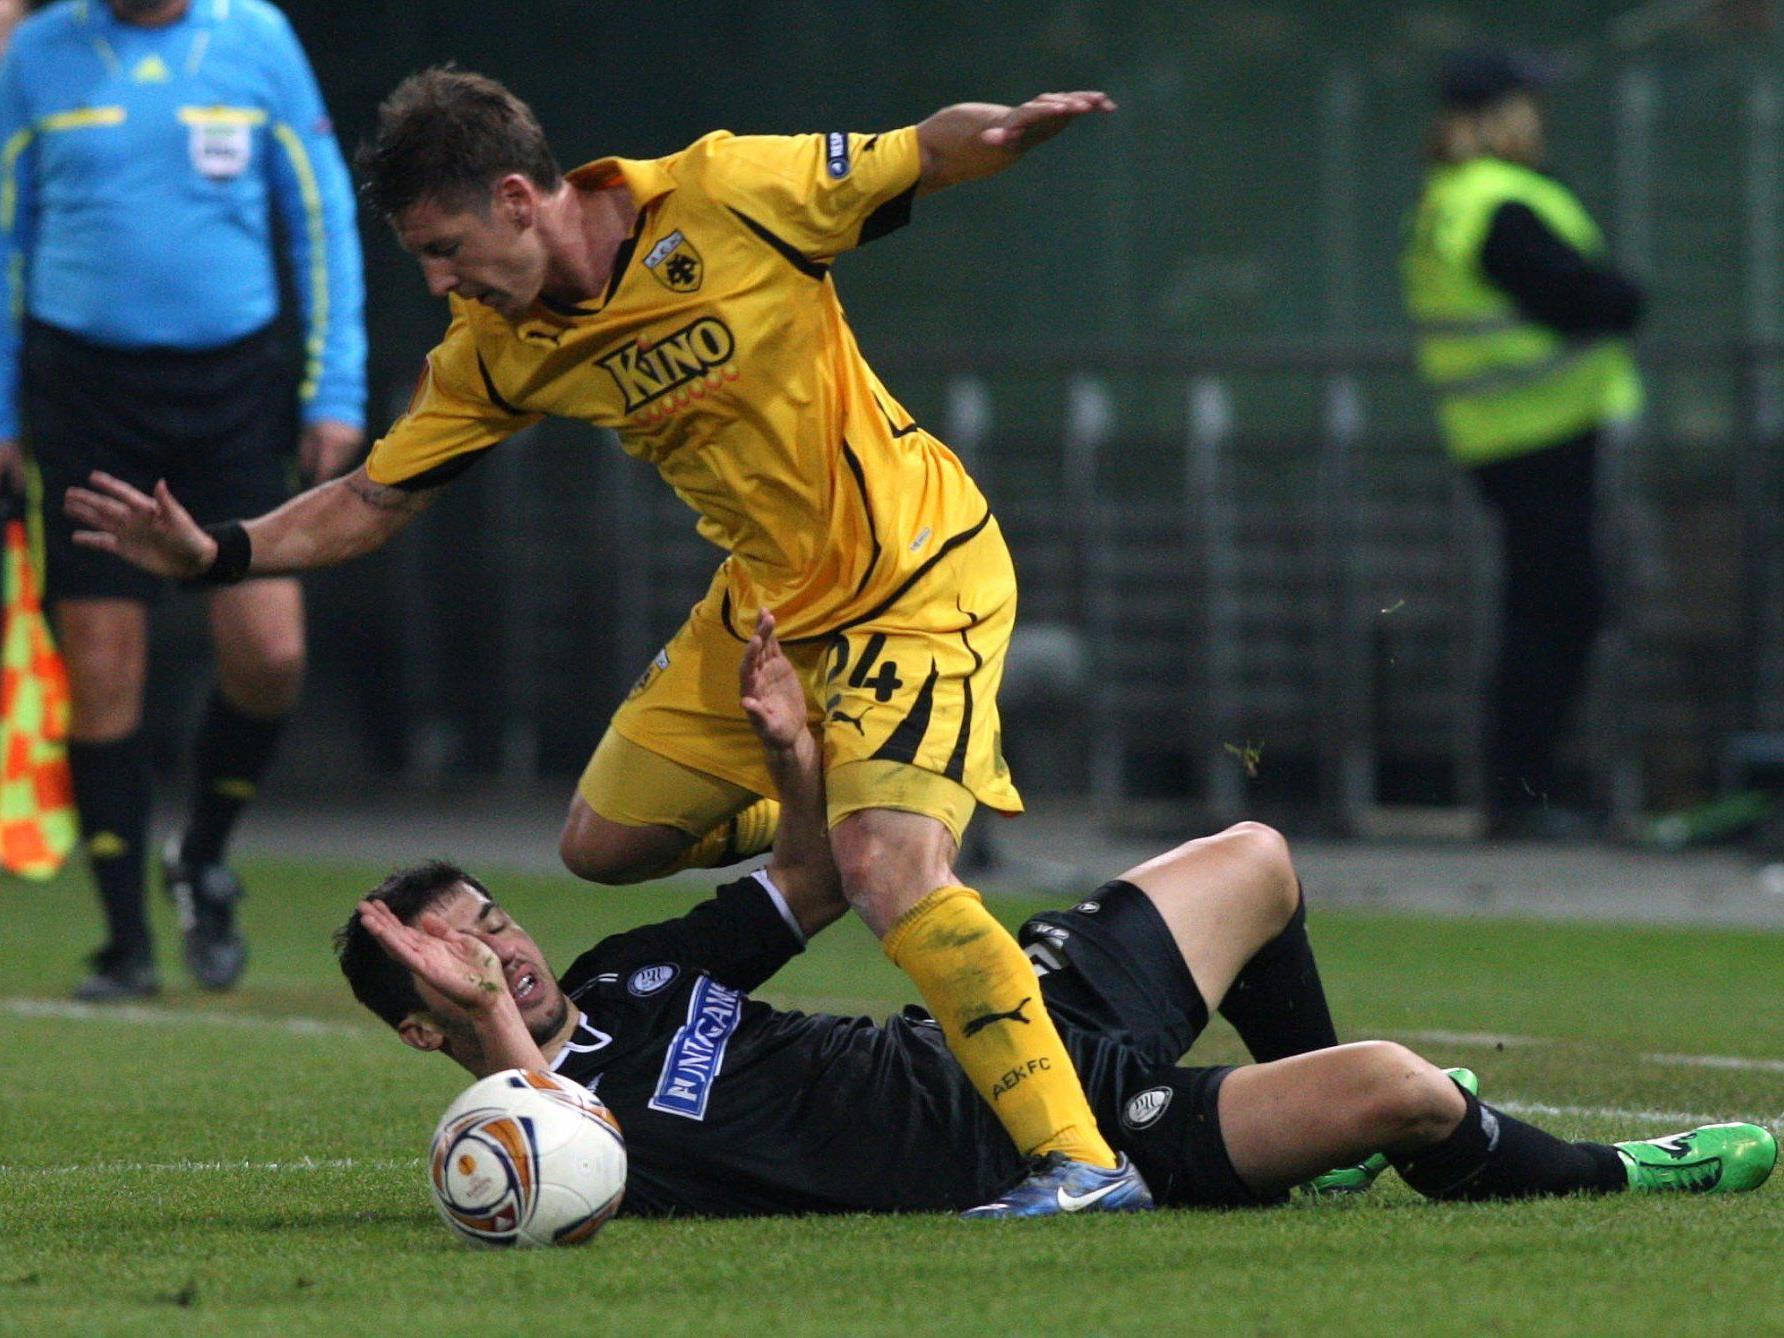 Fußball-Meister Sturm Graz enttäuschte in der EL.